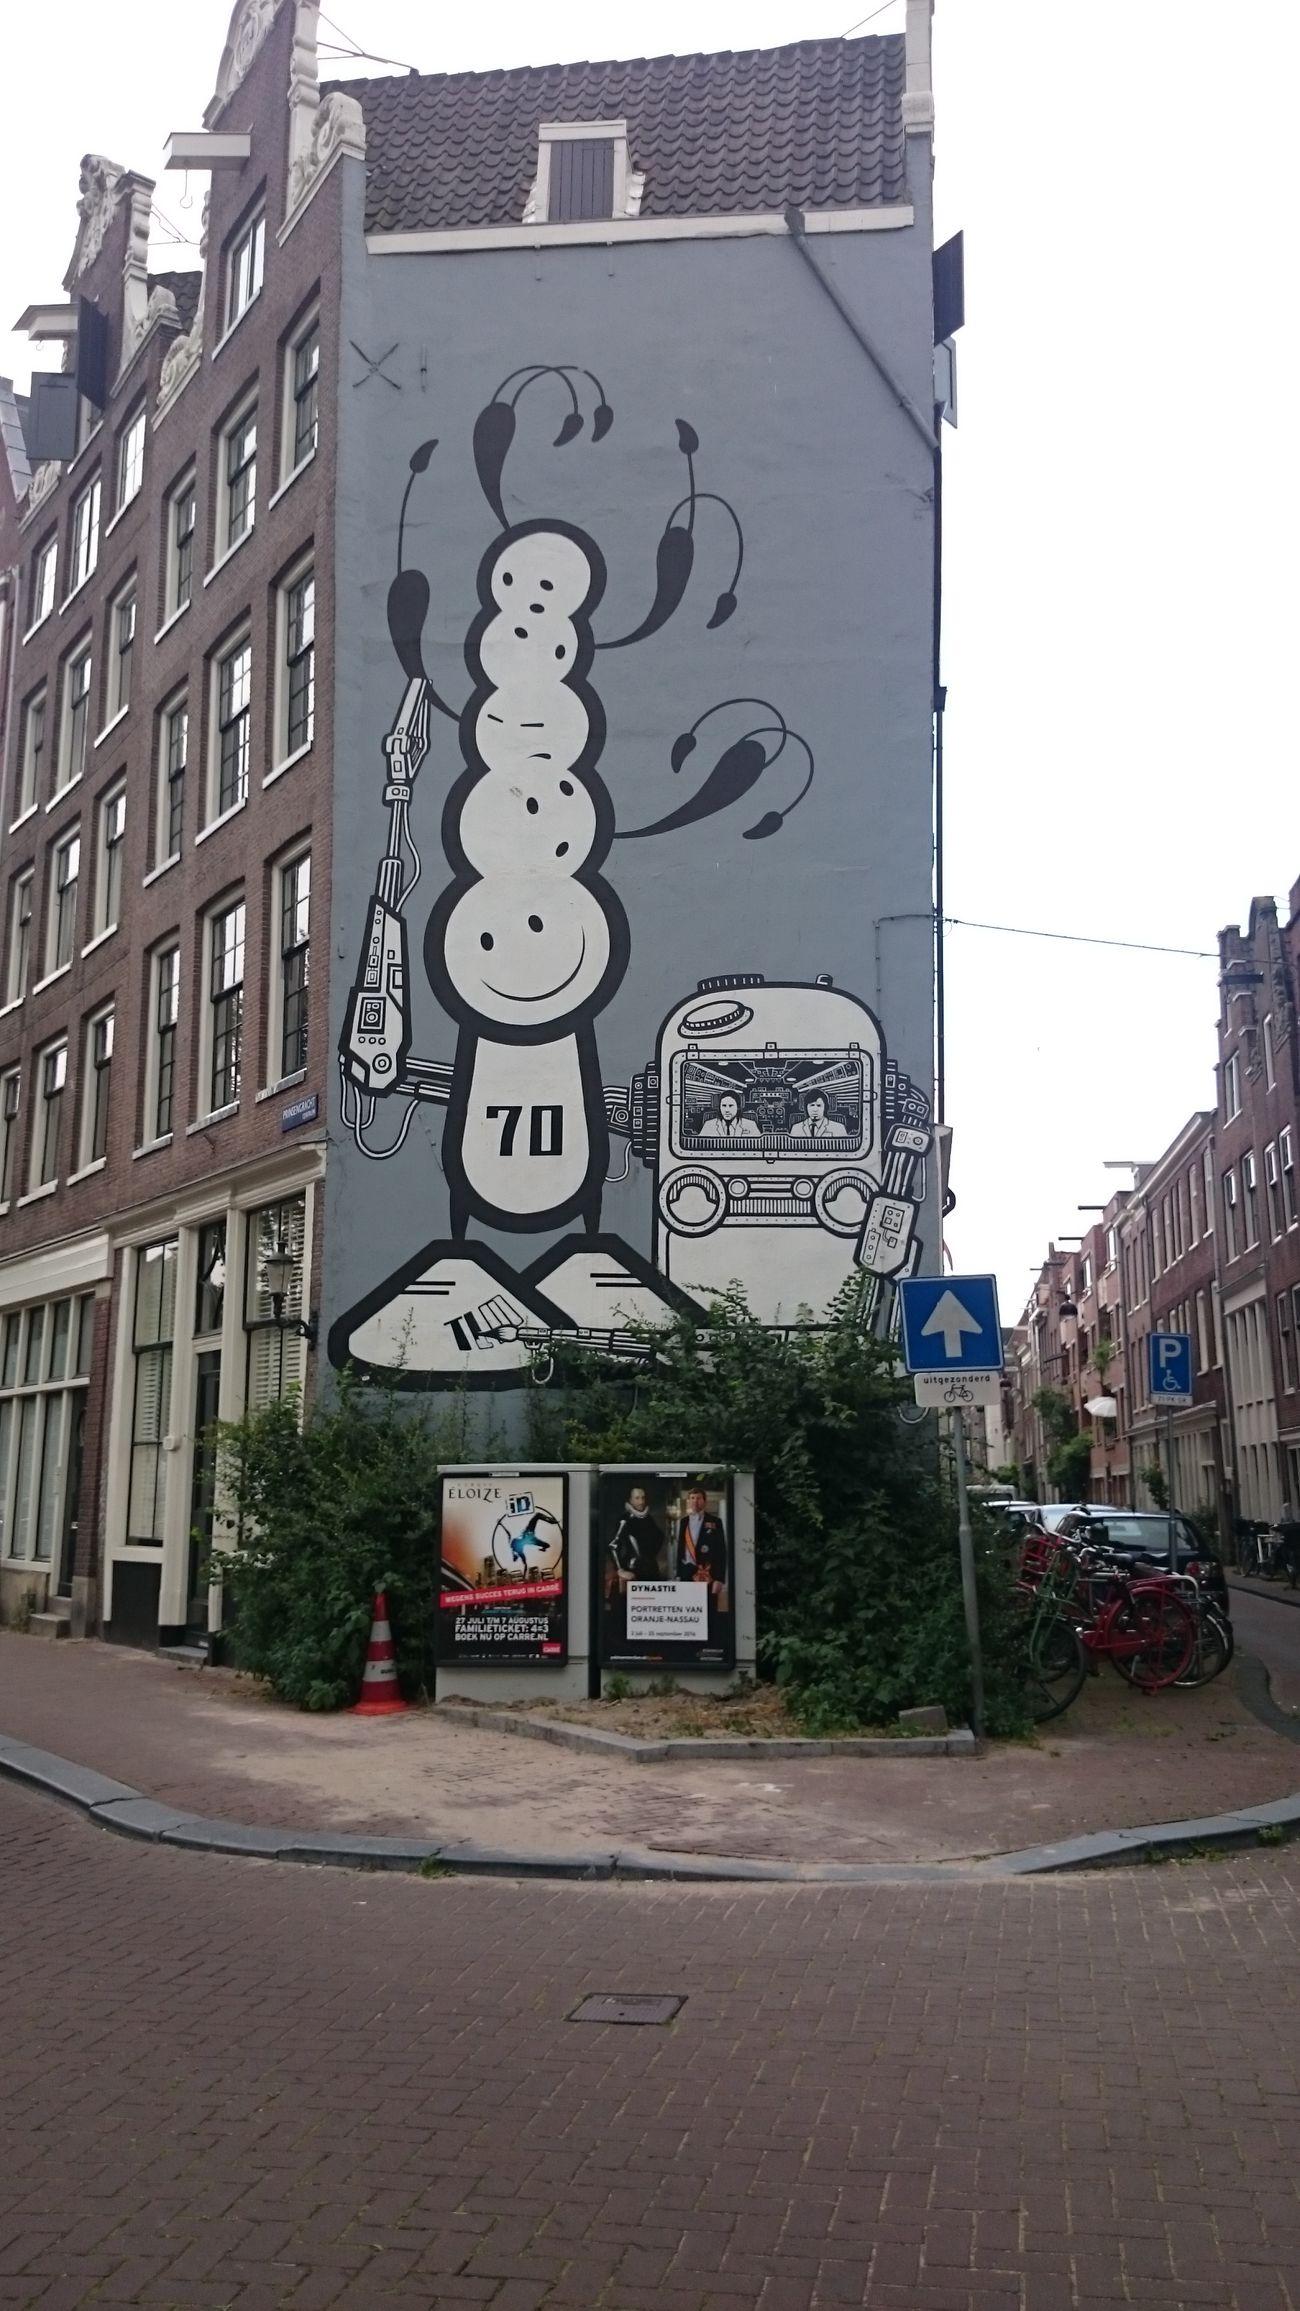 Un Dibujo echa en la Fachada de una Casa en Amsterdam Holanda